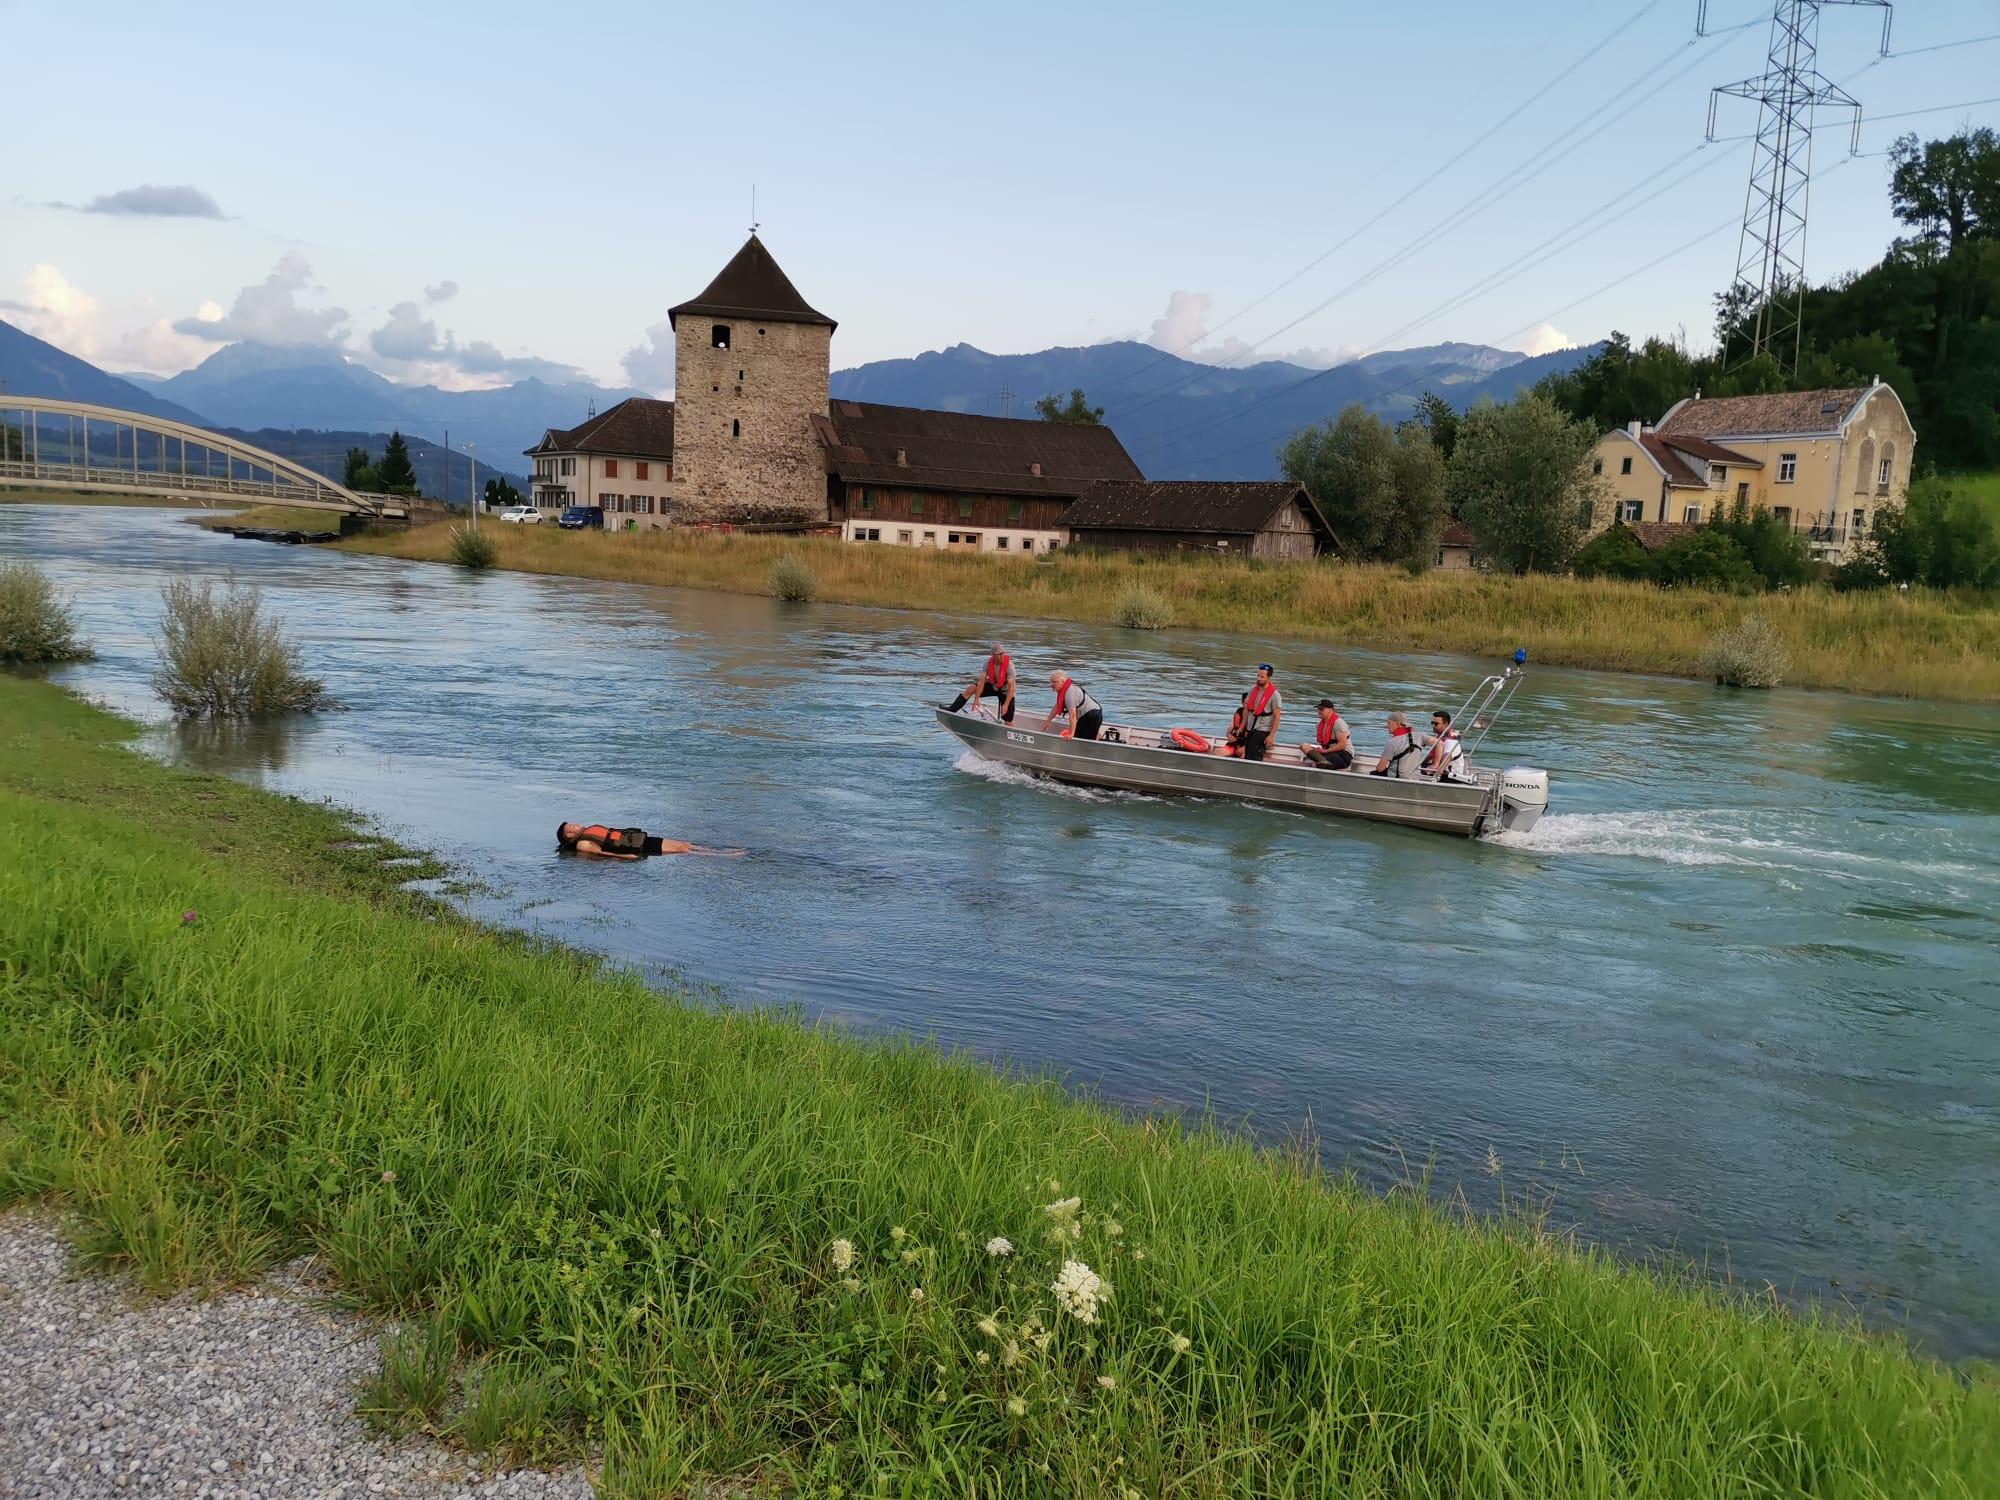 Pontoniere Schmerikon und Seerettung Oberer Zürichsee üben auf der Linth am 19.07.2021